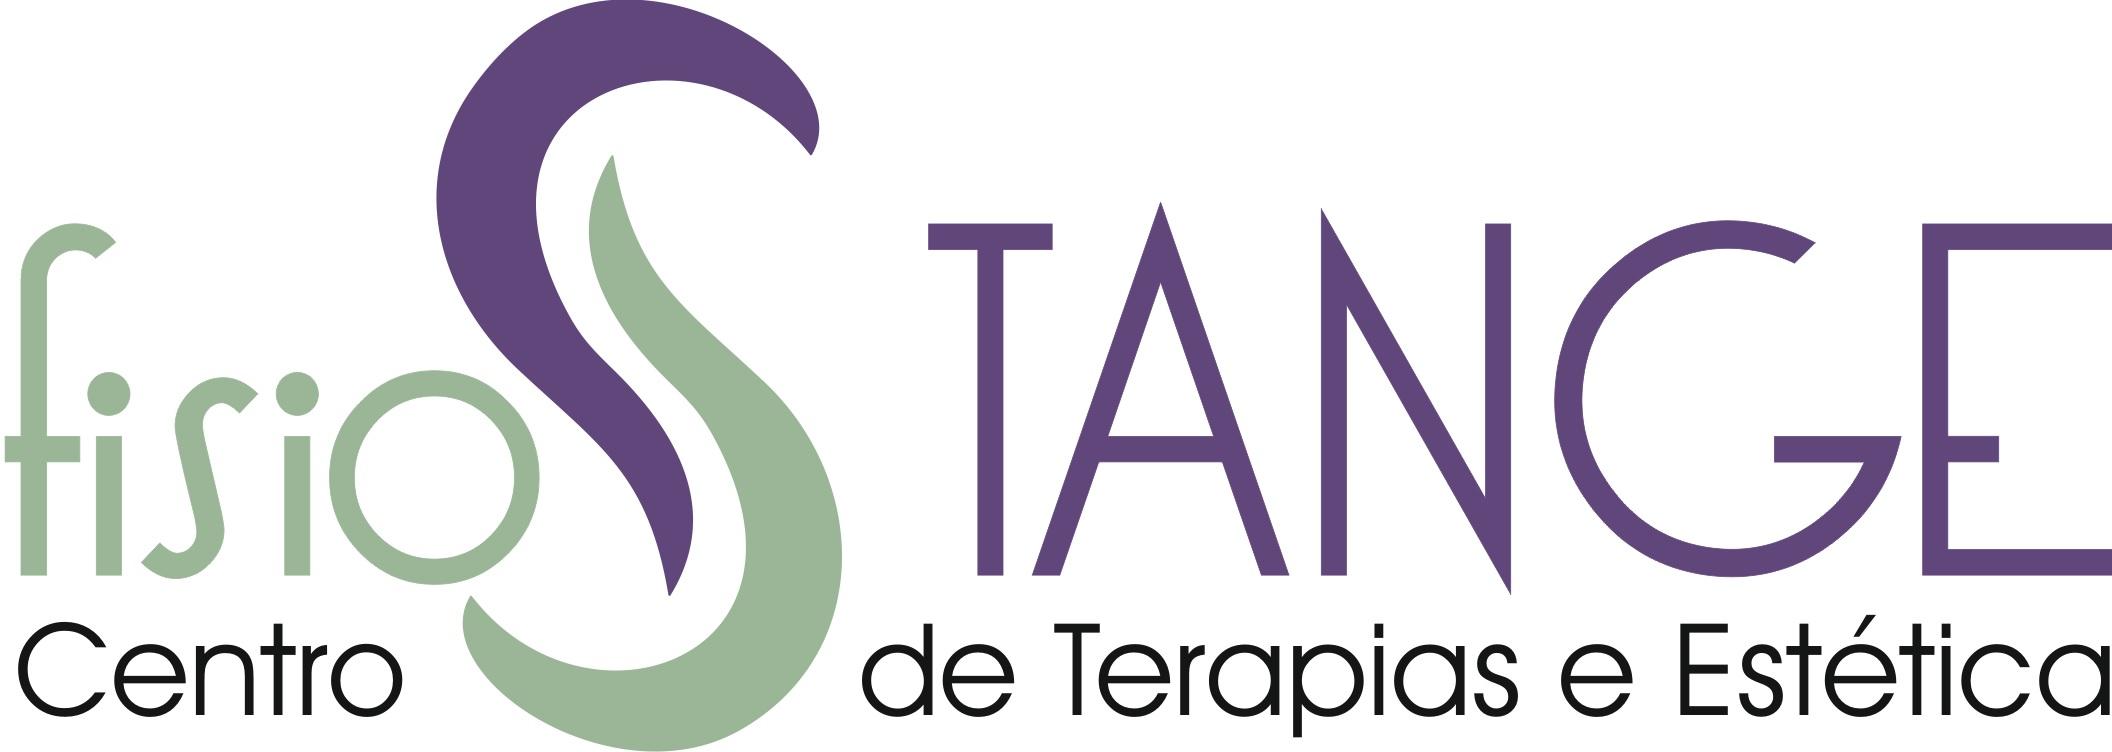 Fisiostange Centro de Terapias e Estética